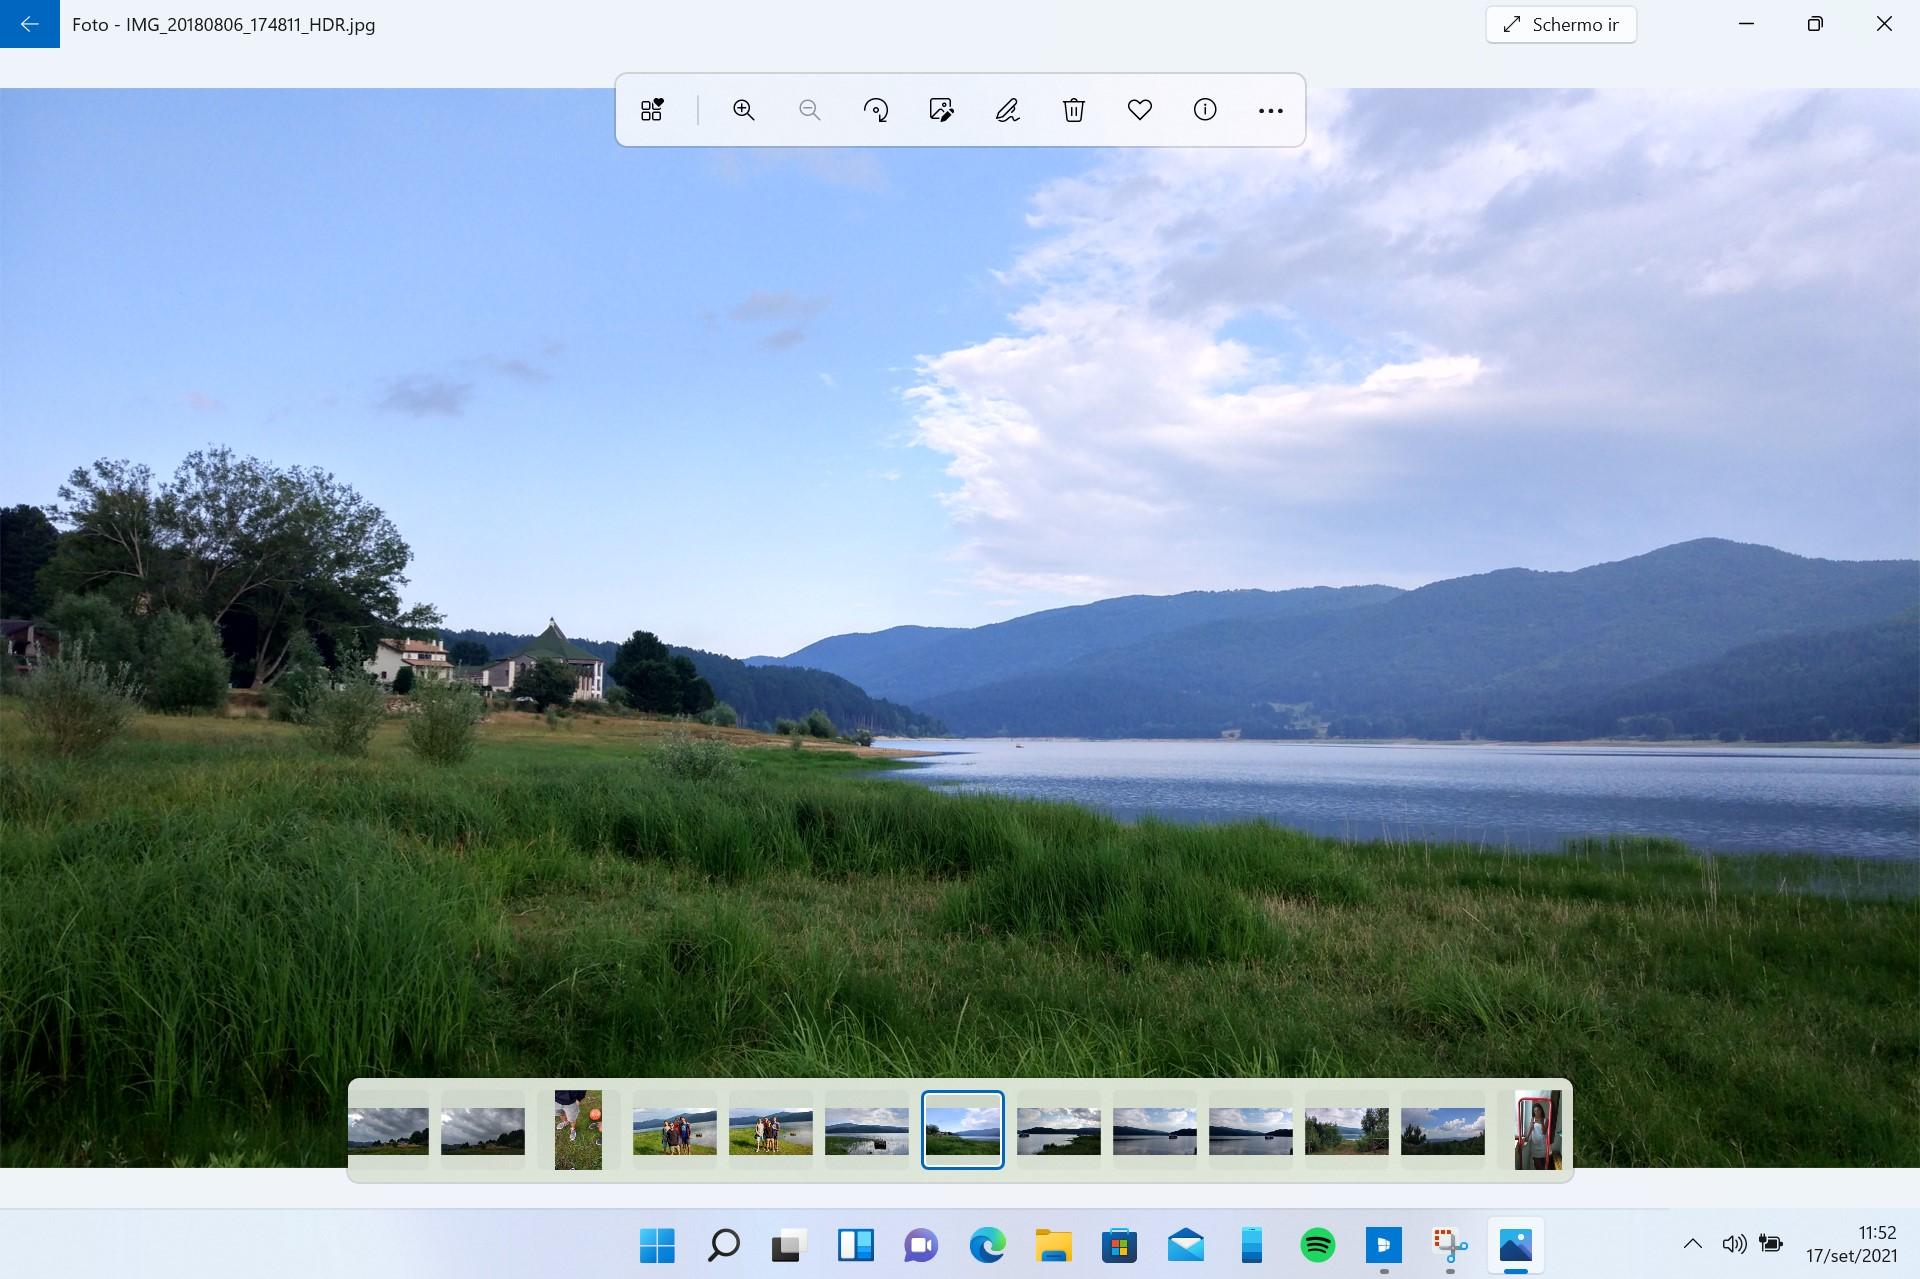 Windows 11 - App Foto - Nuova barra degli strumenti e filmstrip